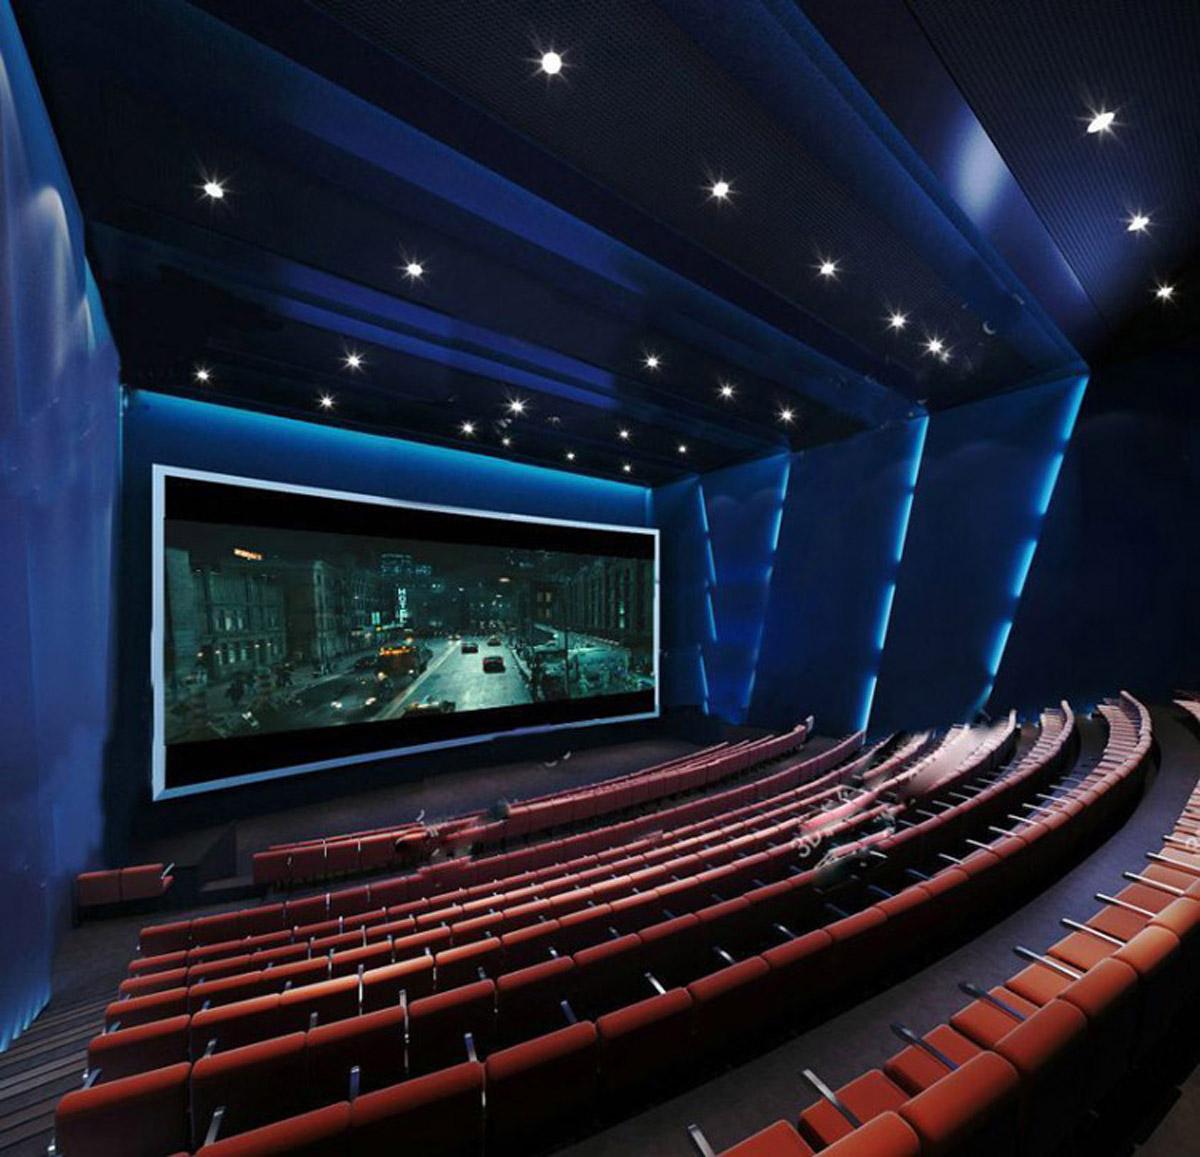 金川安全体验3D影院